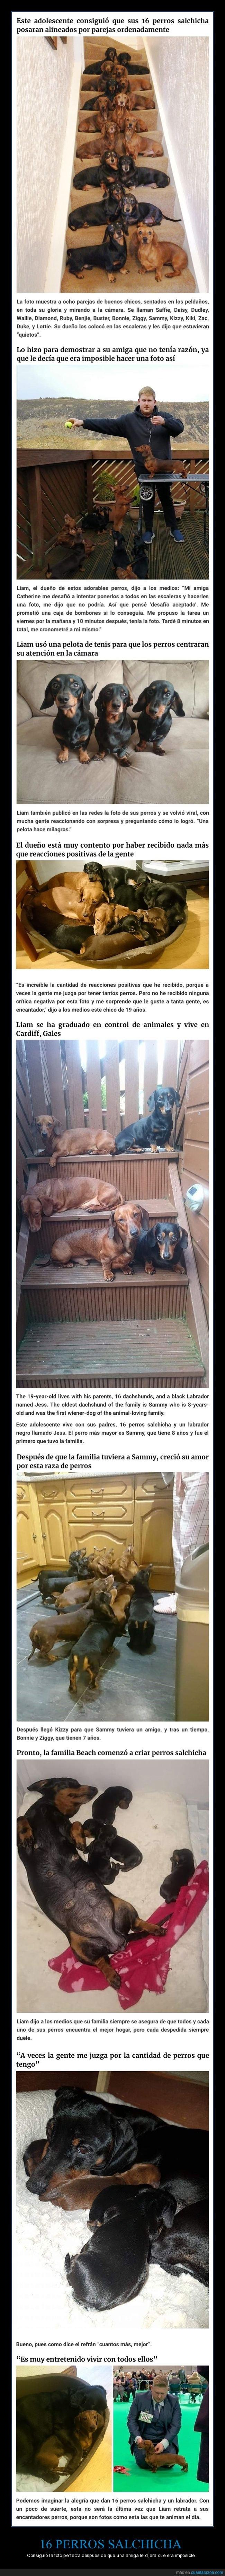 foto,perros,perros salchicha